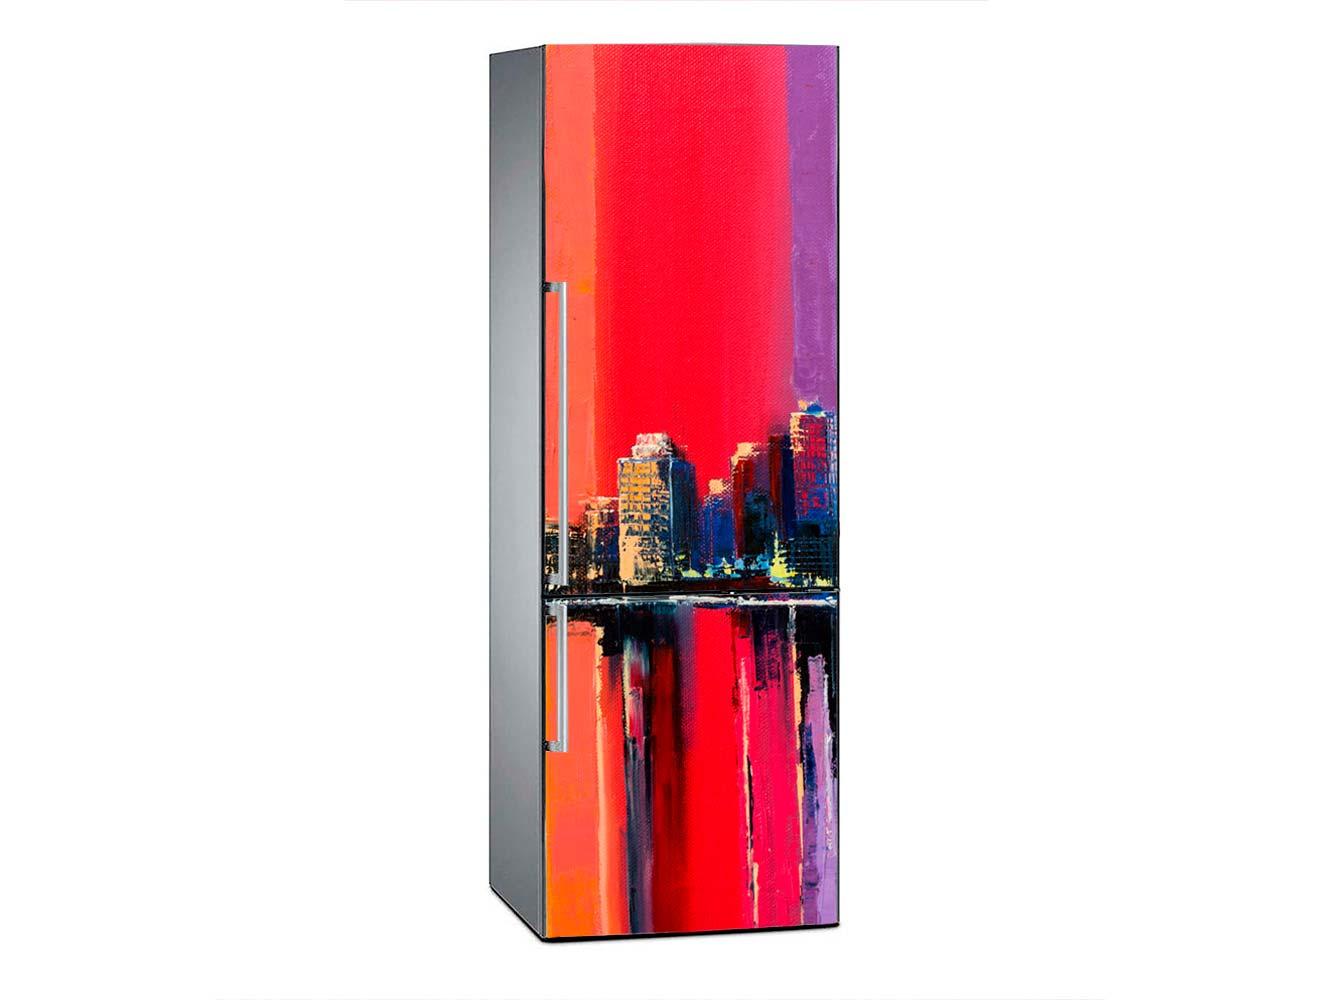 Vinilo Frigorífico Pintura Ciudad Vintage Roja 2 | Carteles XXL - Impresión carteleria publicitaria